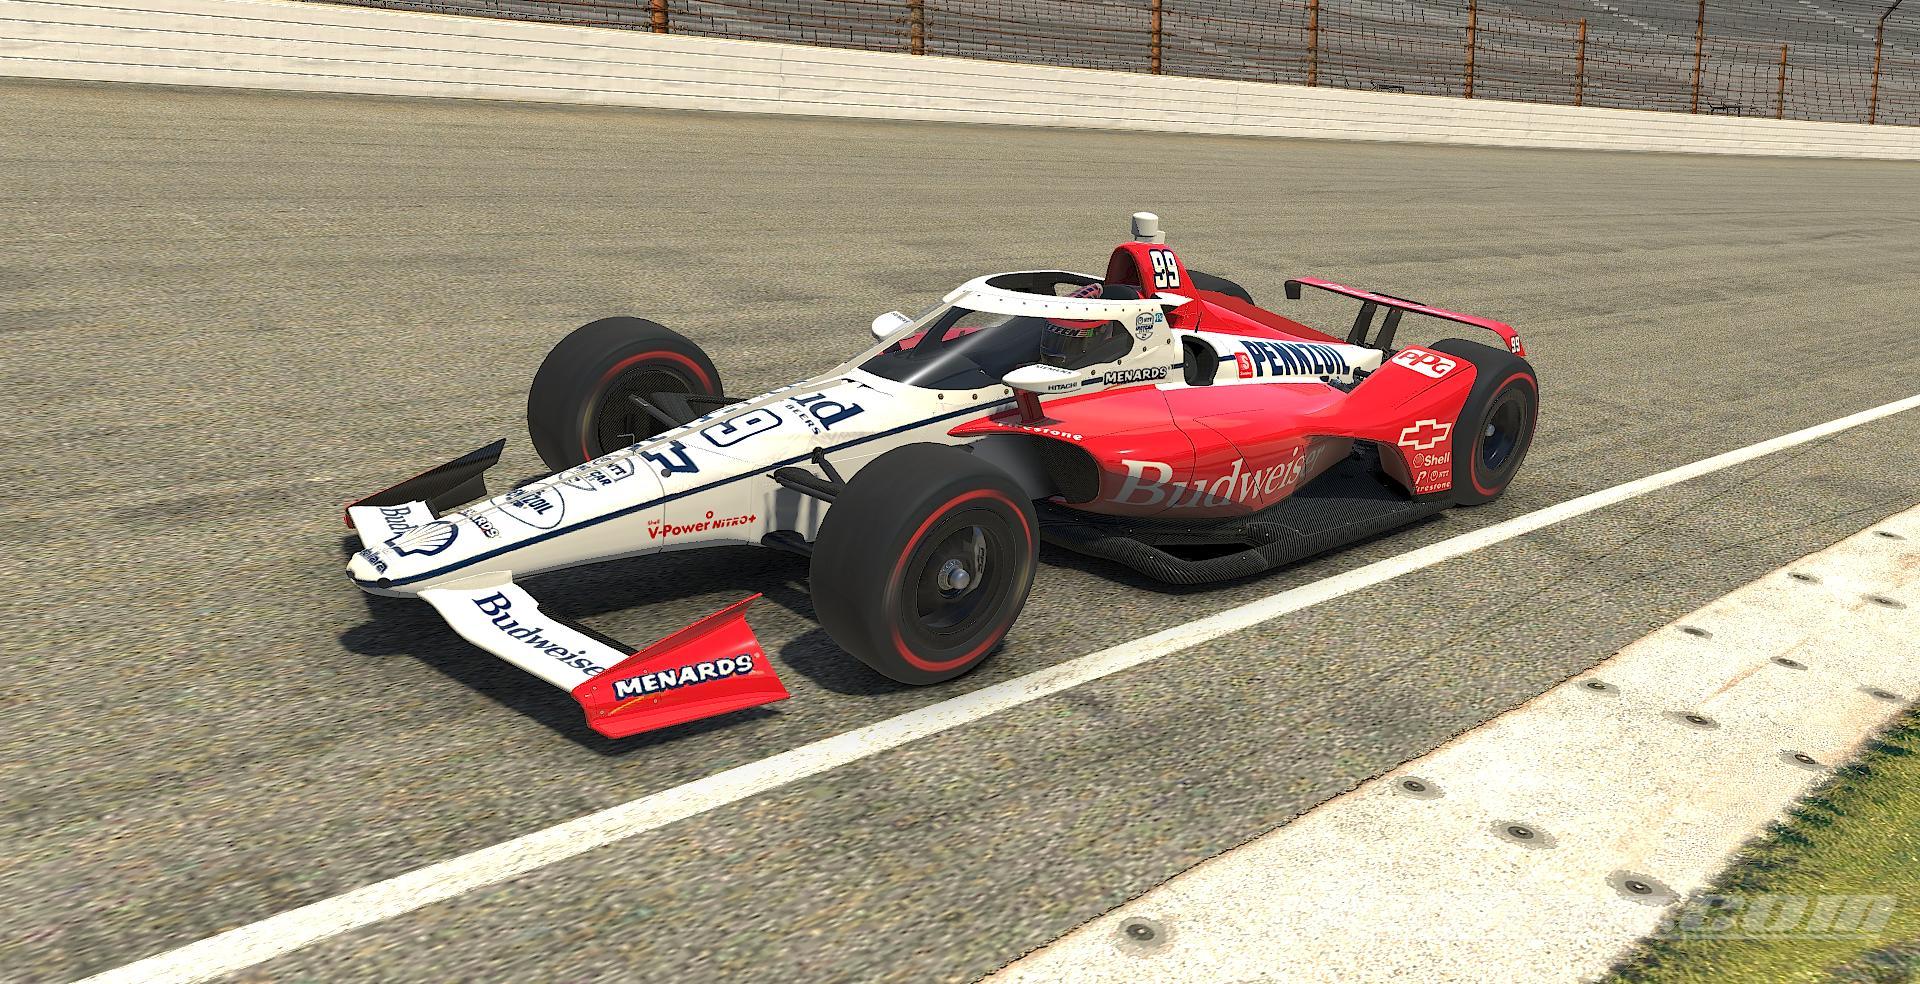 Indycar Dallara IR18 - Budweiser 2020 by Cody Steffen ...